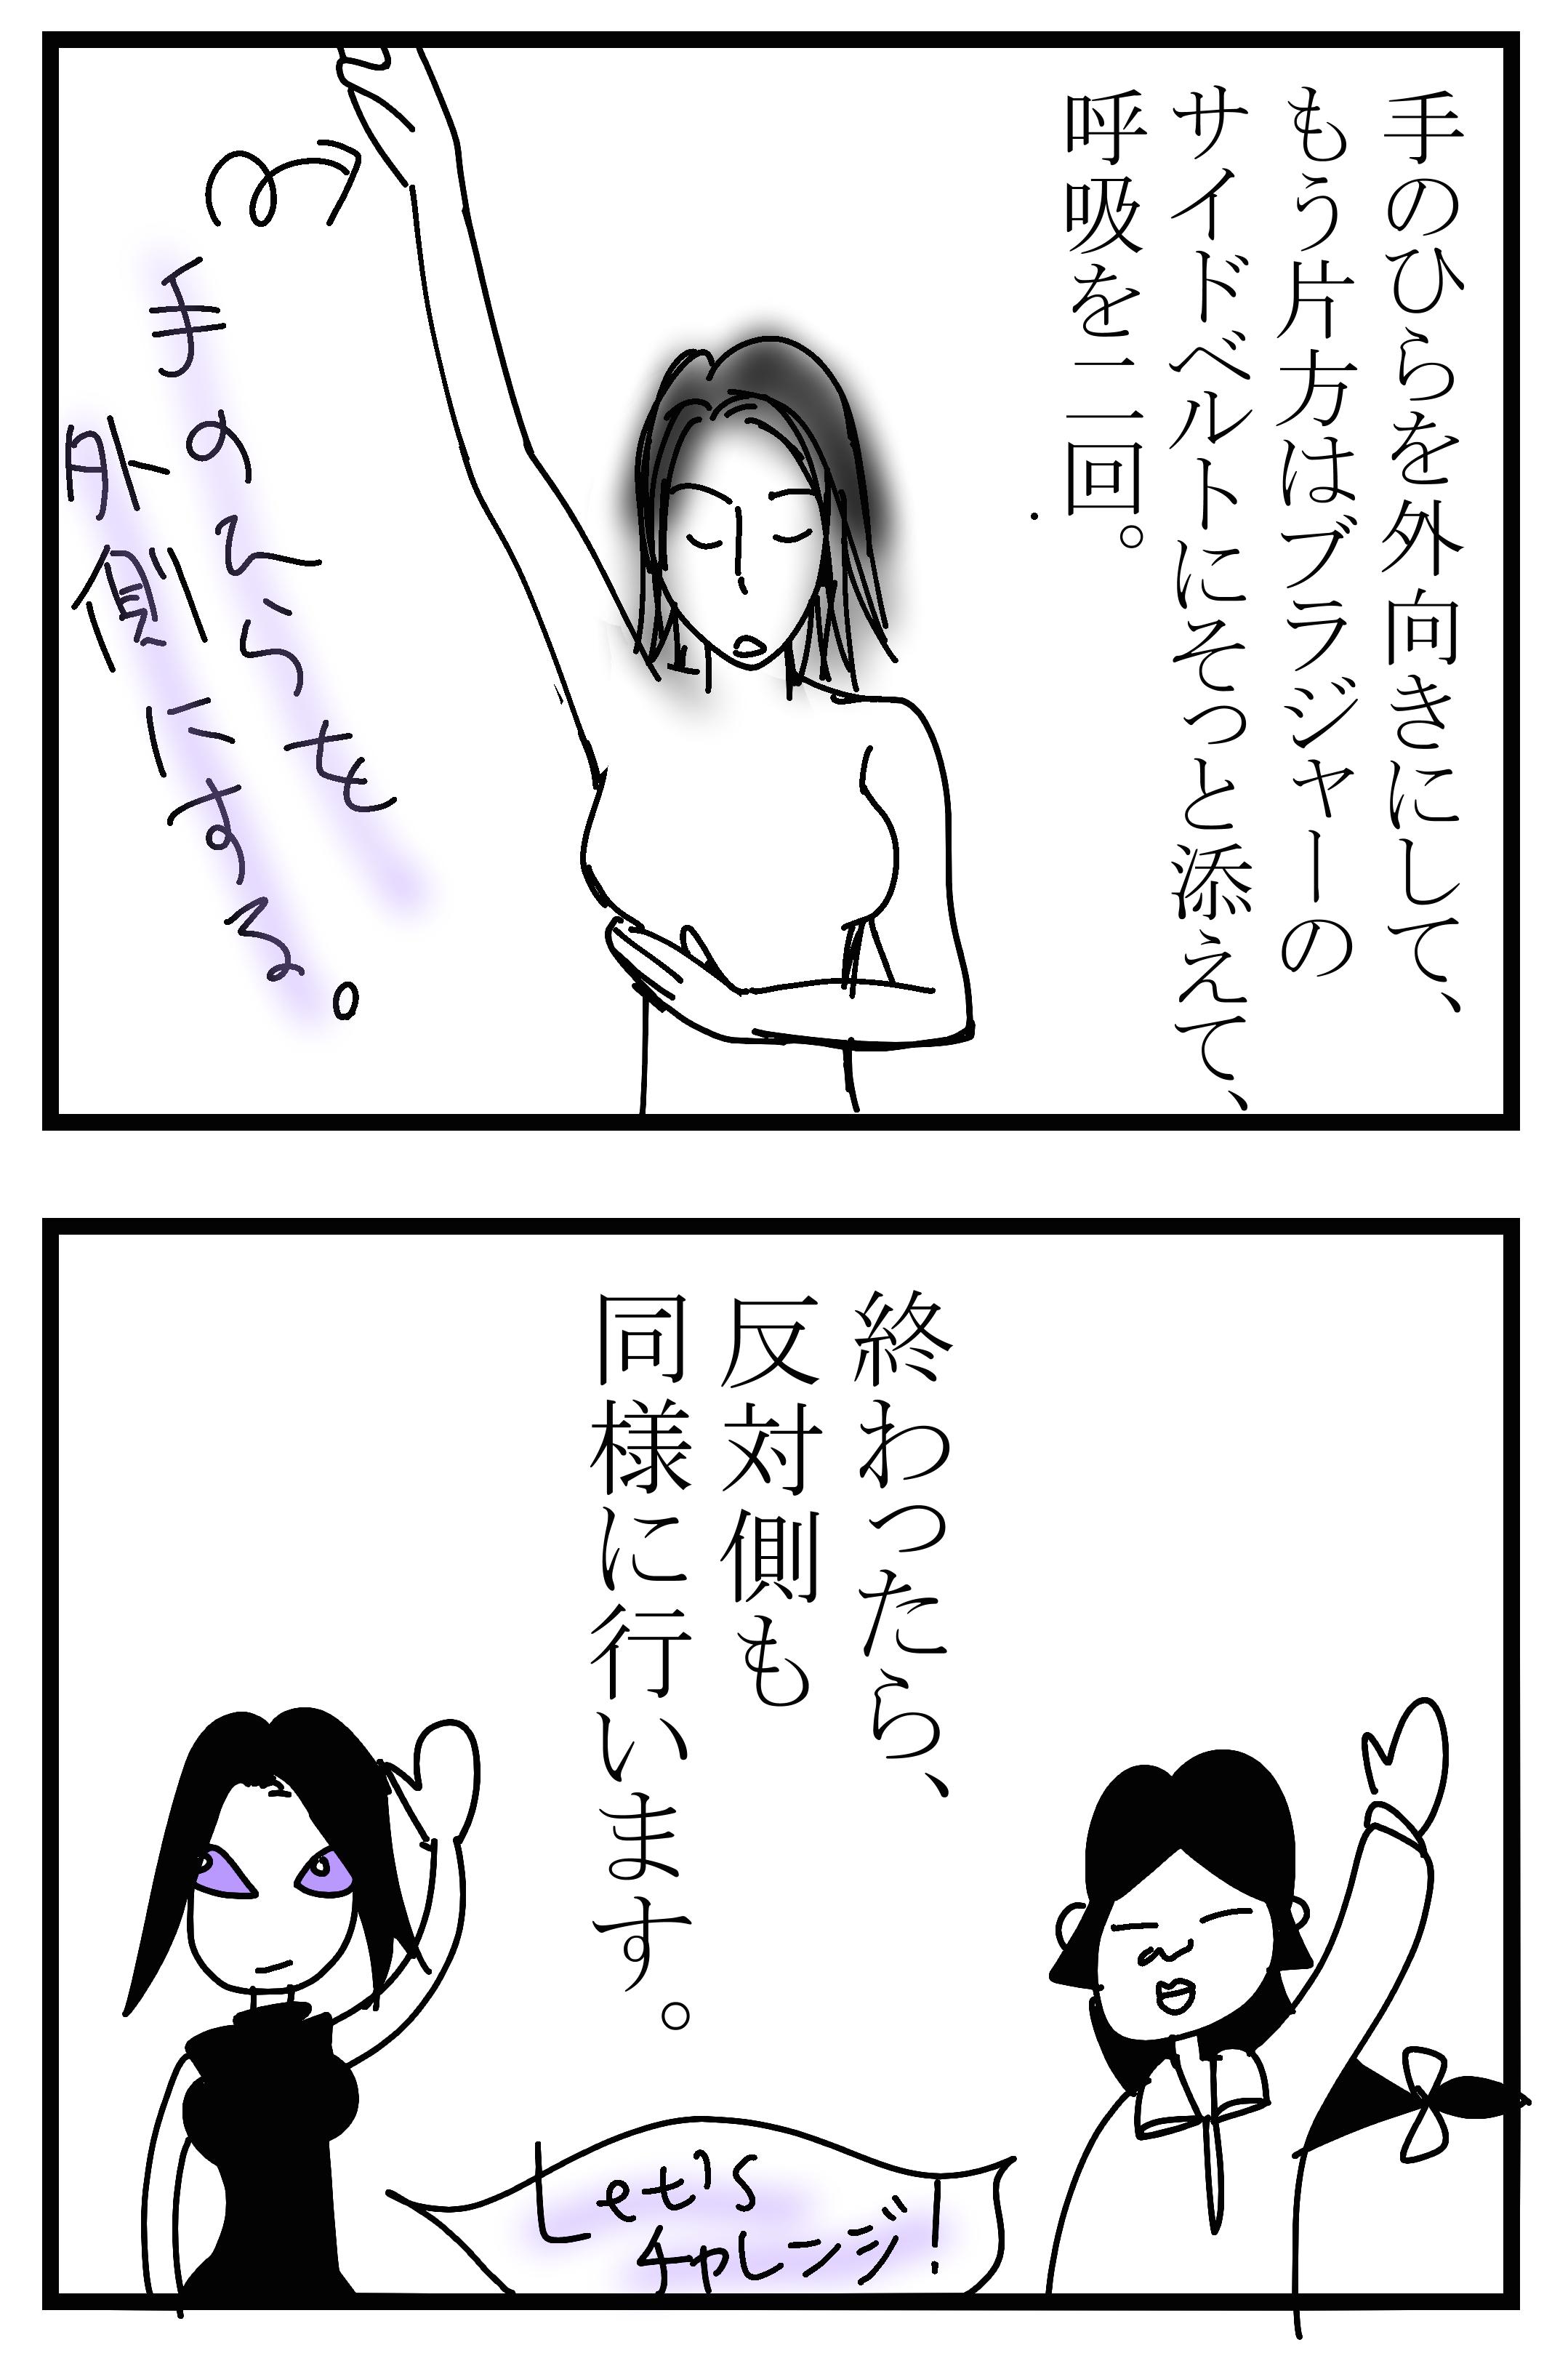 片手バンザイ2